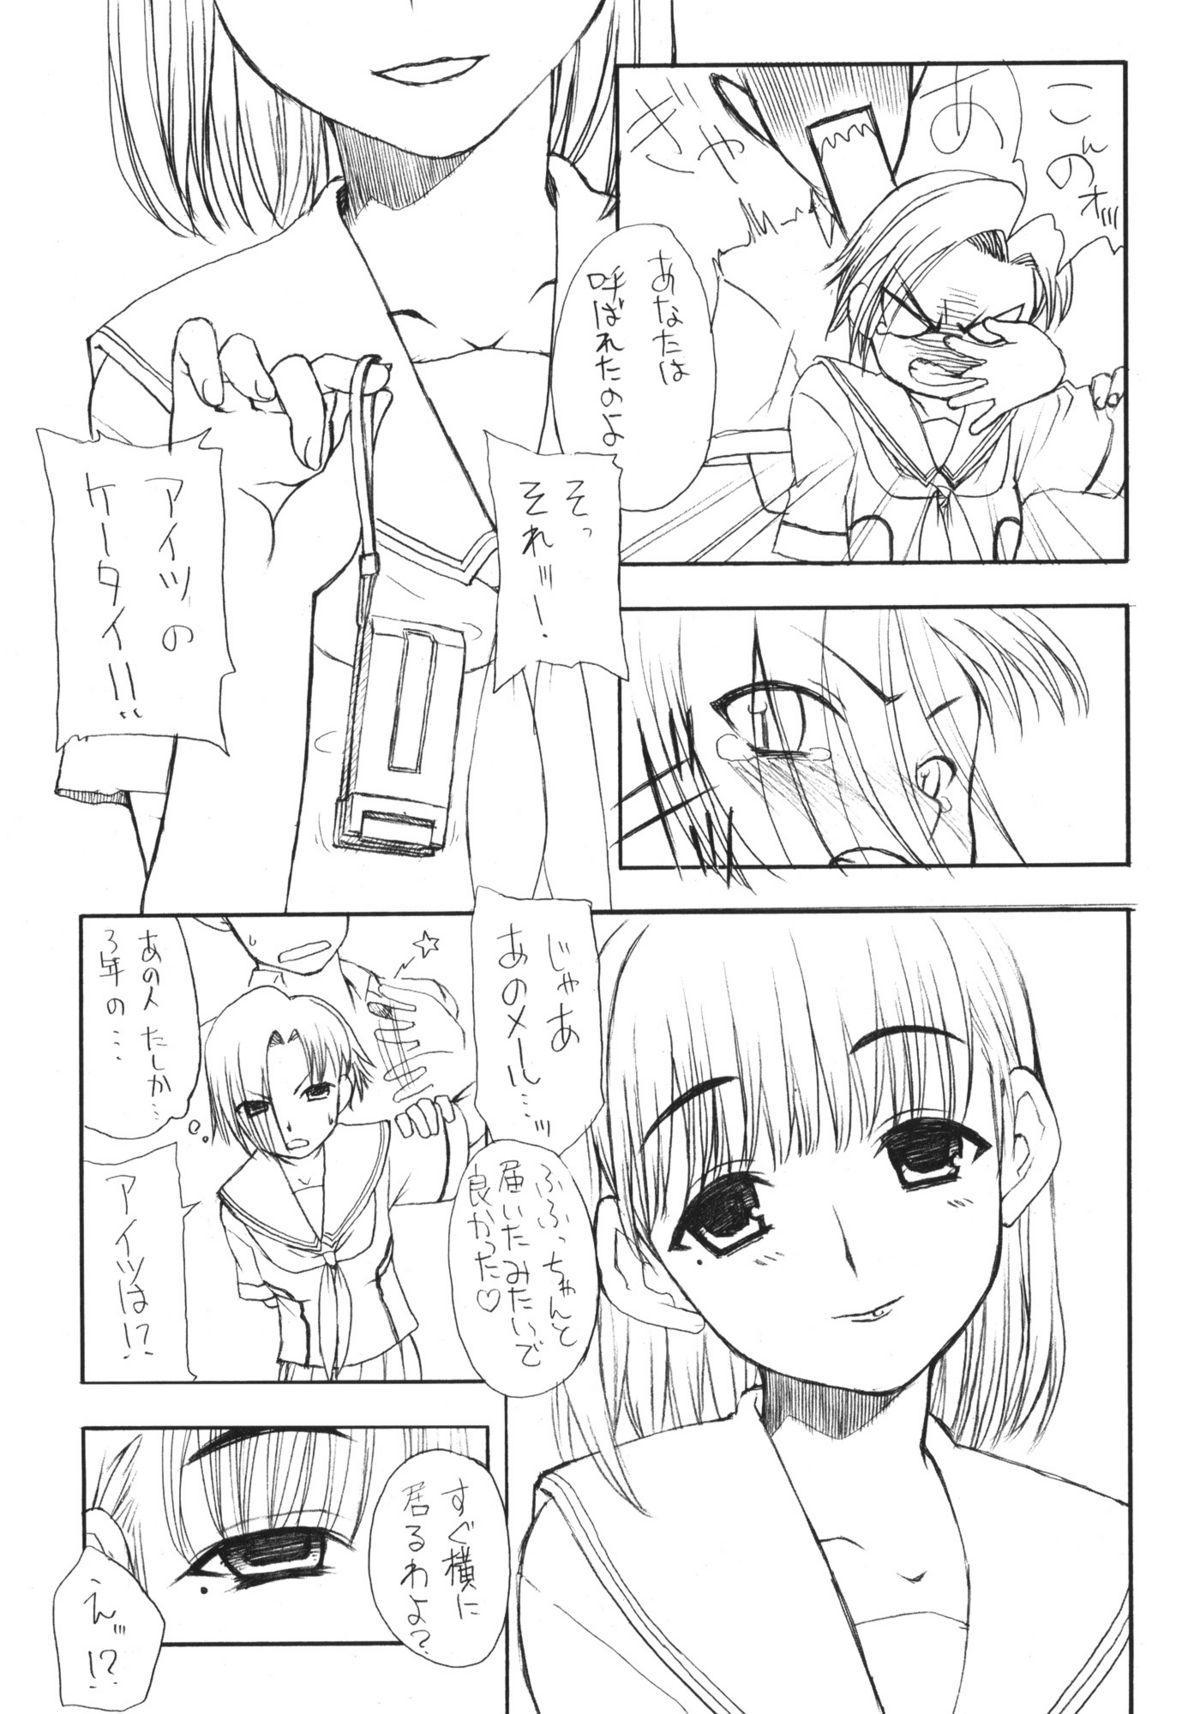 Rinko wa Nakadashi ga Ichiban Kanjirundesu. + Paper 13